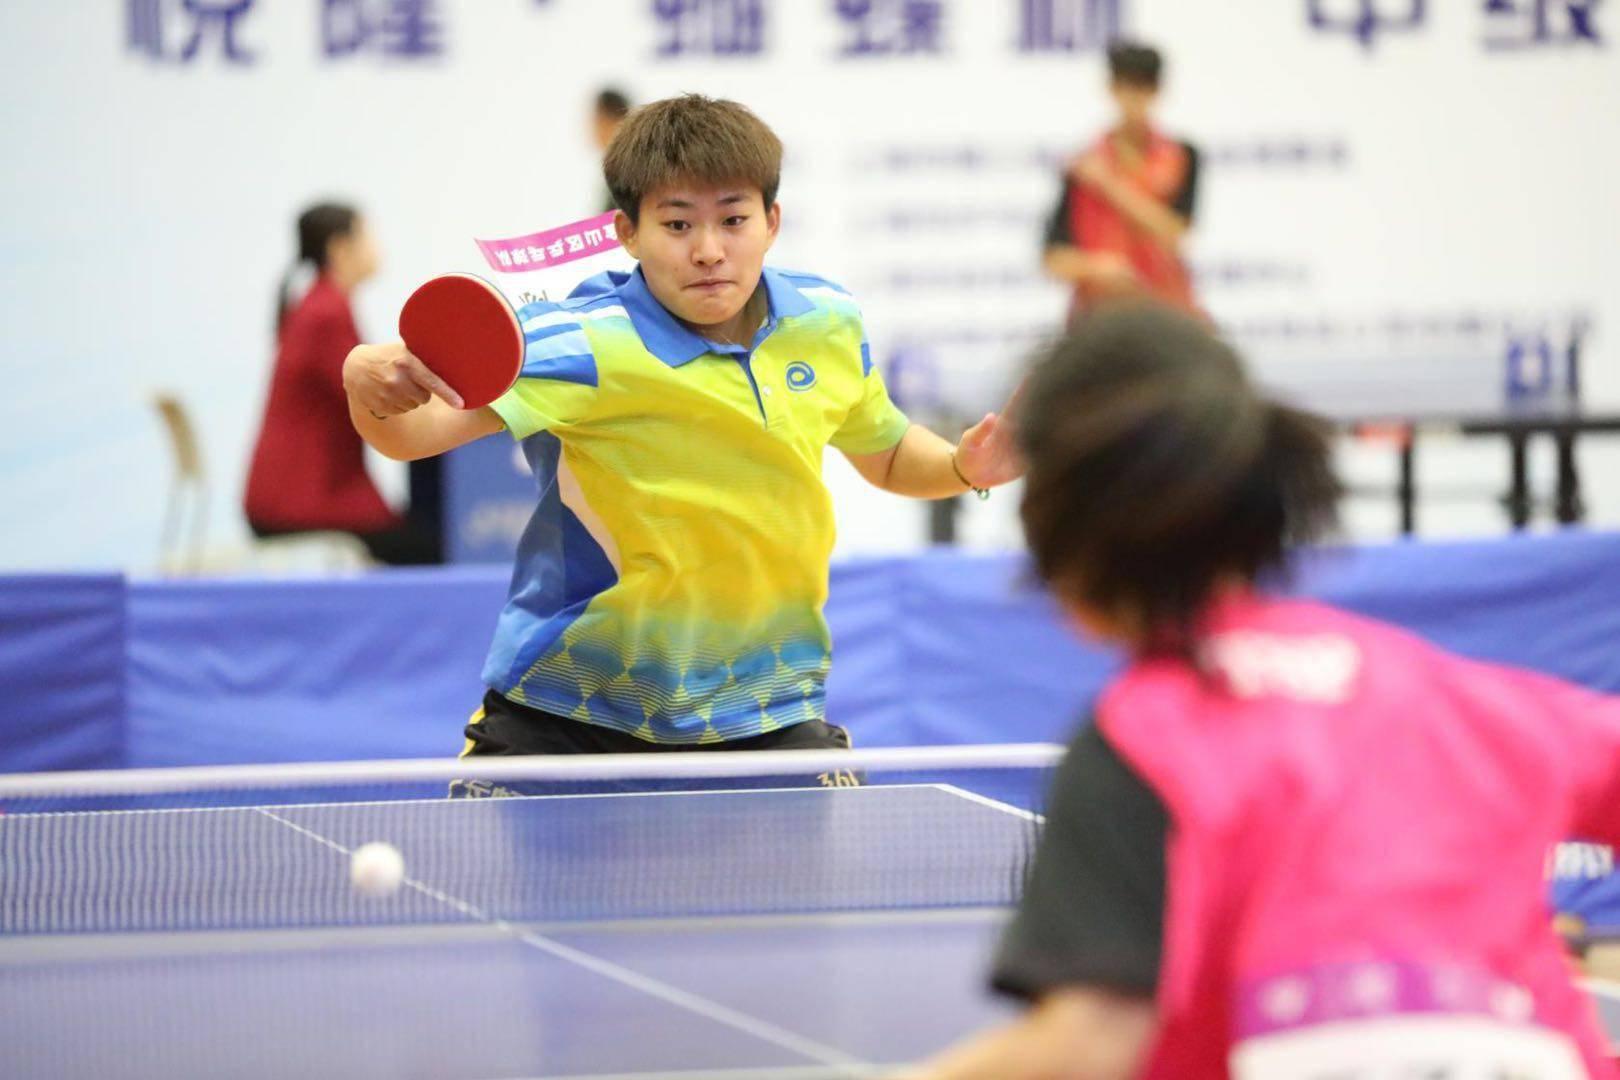 市民运动会乒乓球甲级联赛总决赛落幕,悦隆乒乓球俱乐部一队夺冠